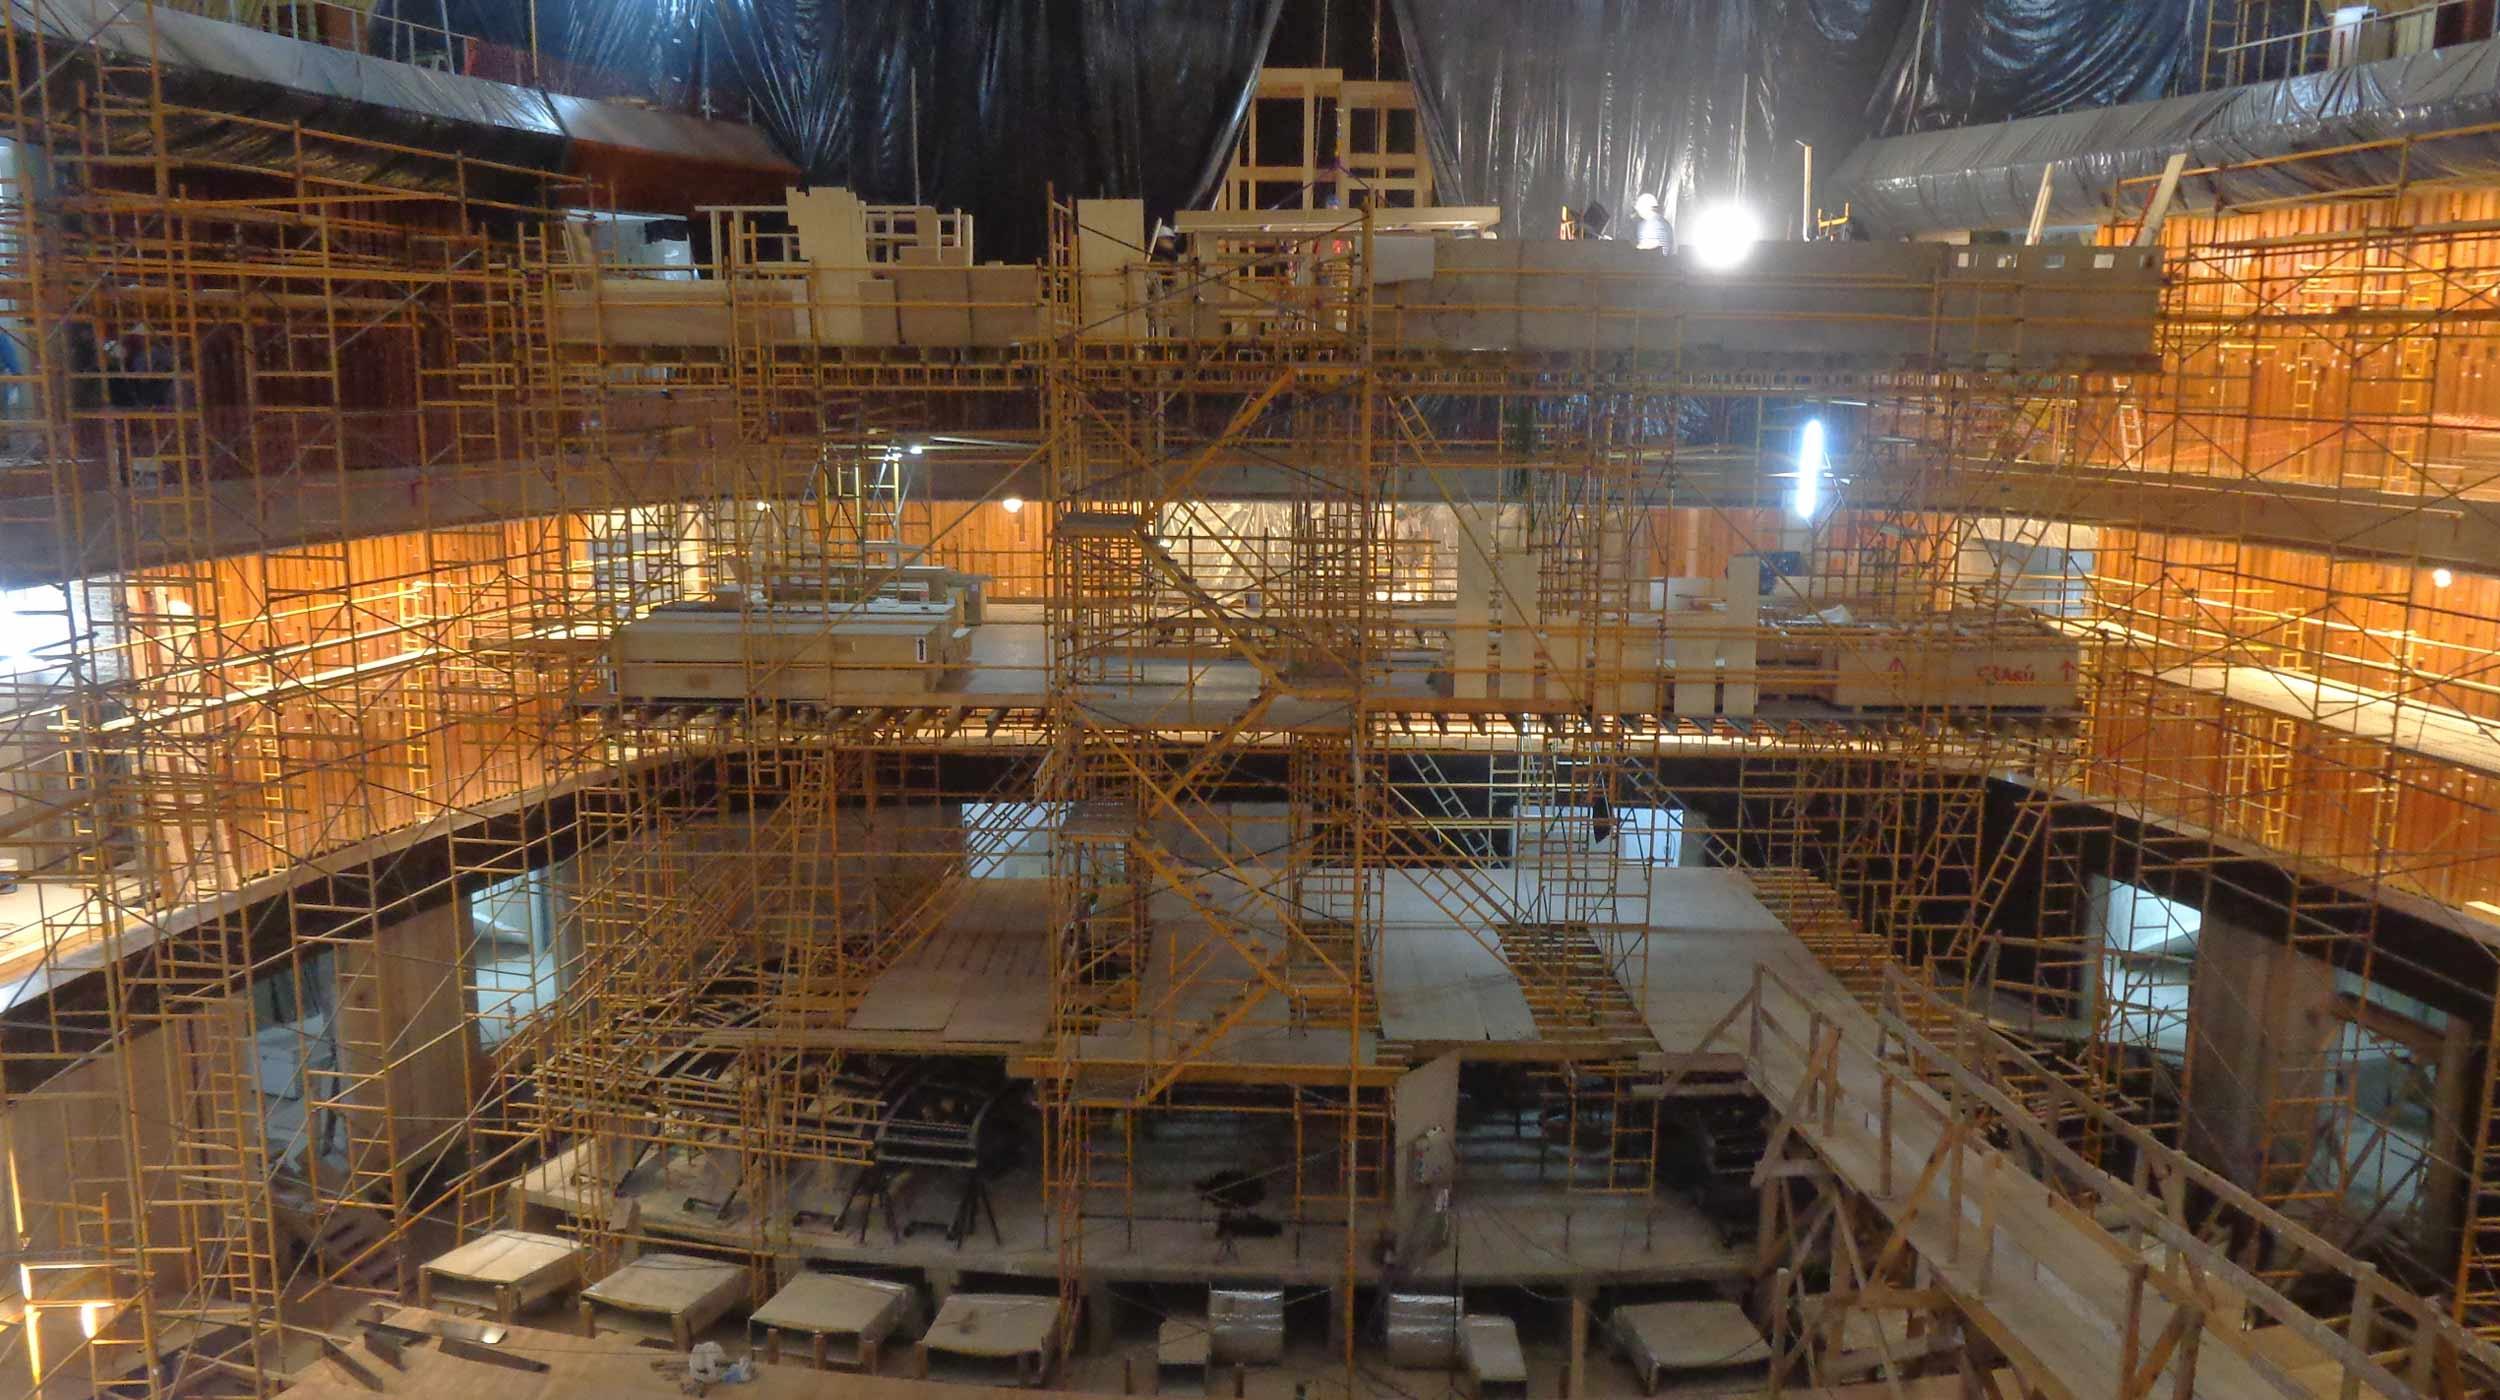 El proyecto integral tiene la intención de dotar a la capital nacional de un gran faro cultural capaz de albergar todas las expresiones del arte y la cultura, conservando la historia del emblemático edificio.